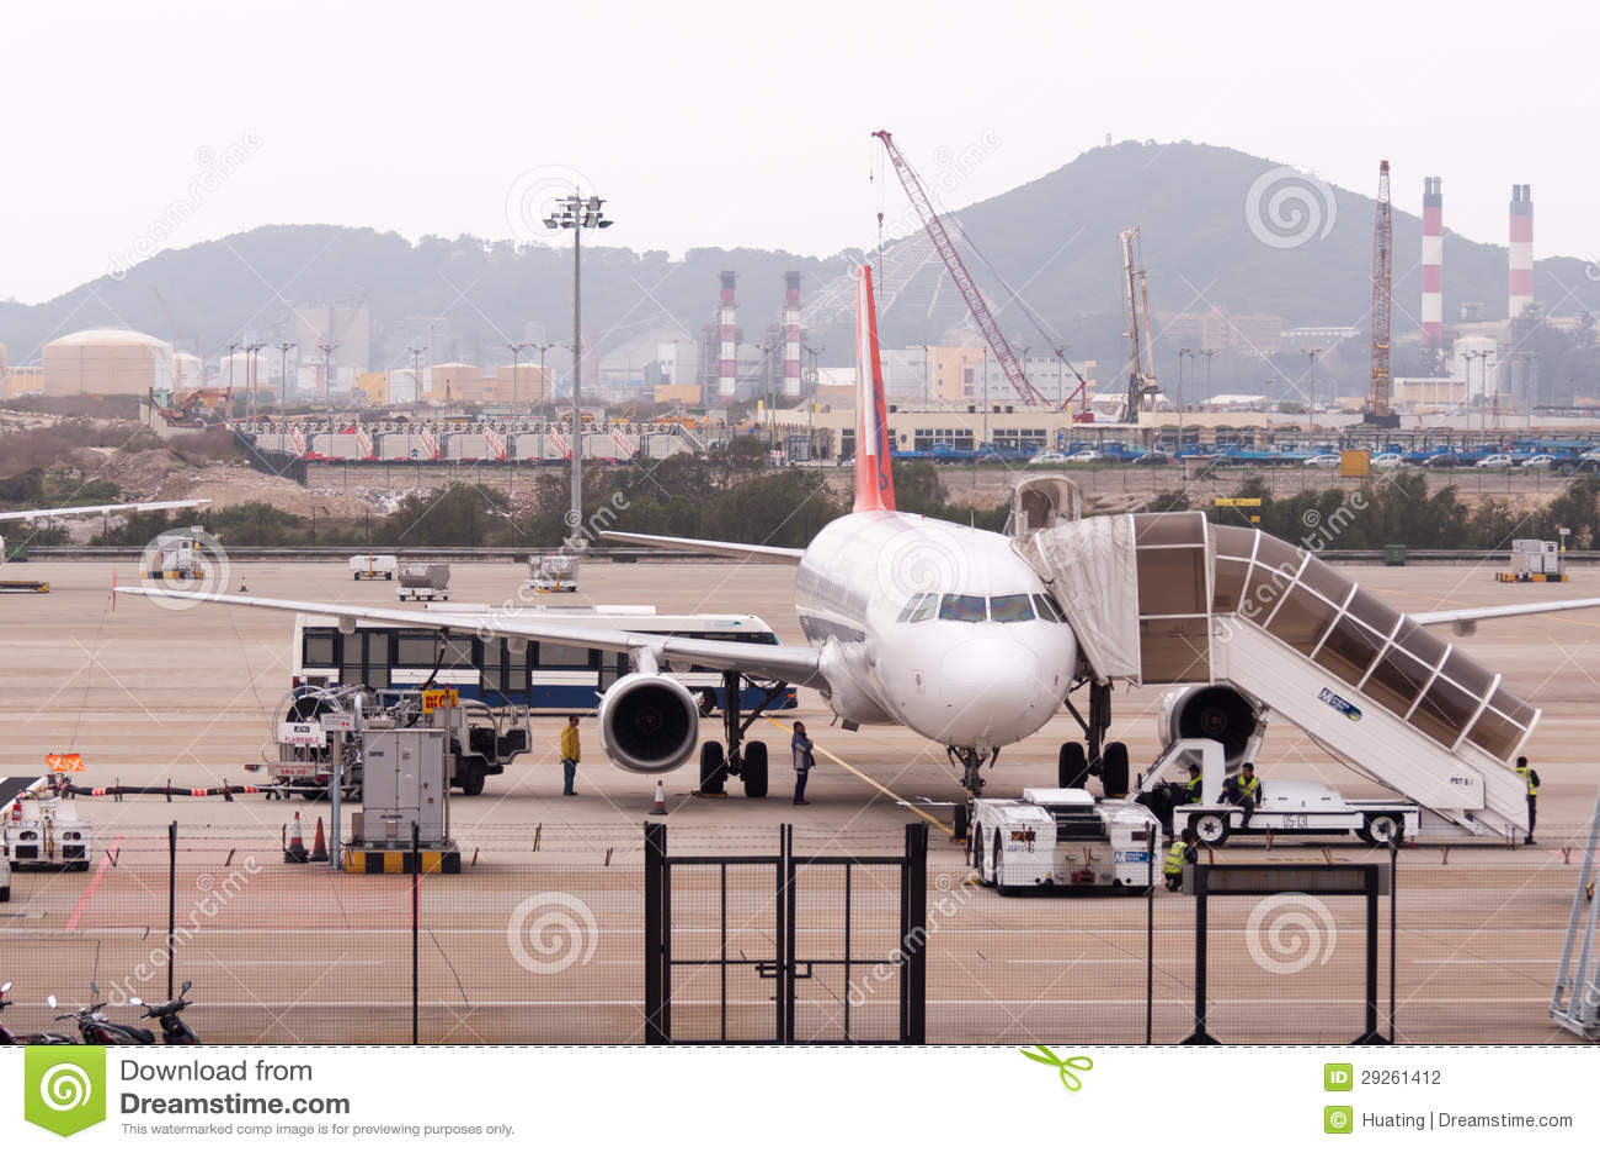 Aeroporto Internacional De Macau : Aeroporto internacional de macau fotografia editorial